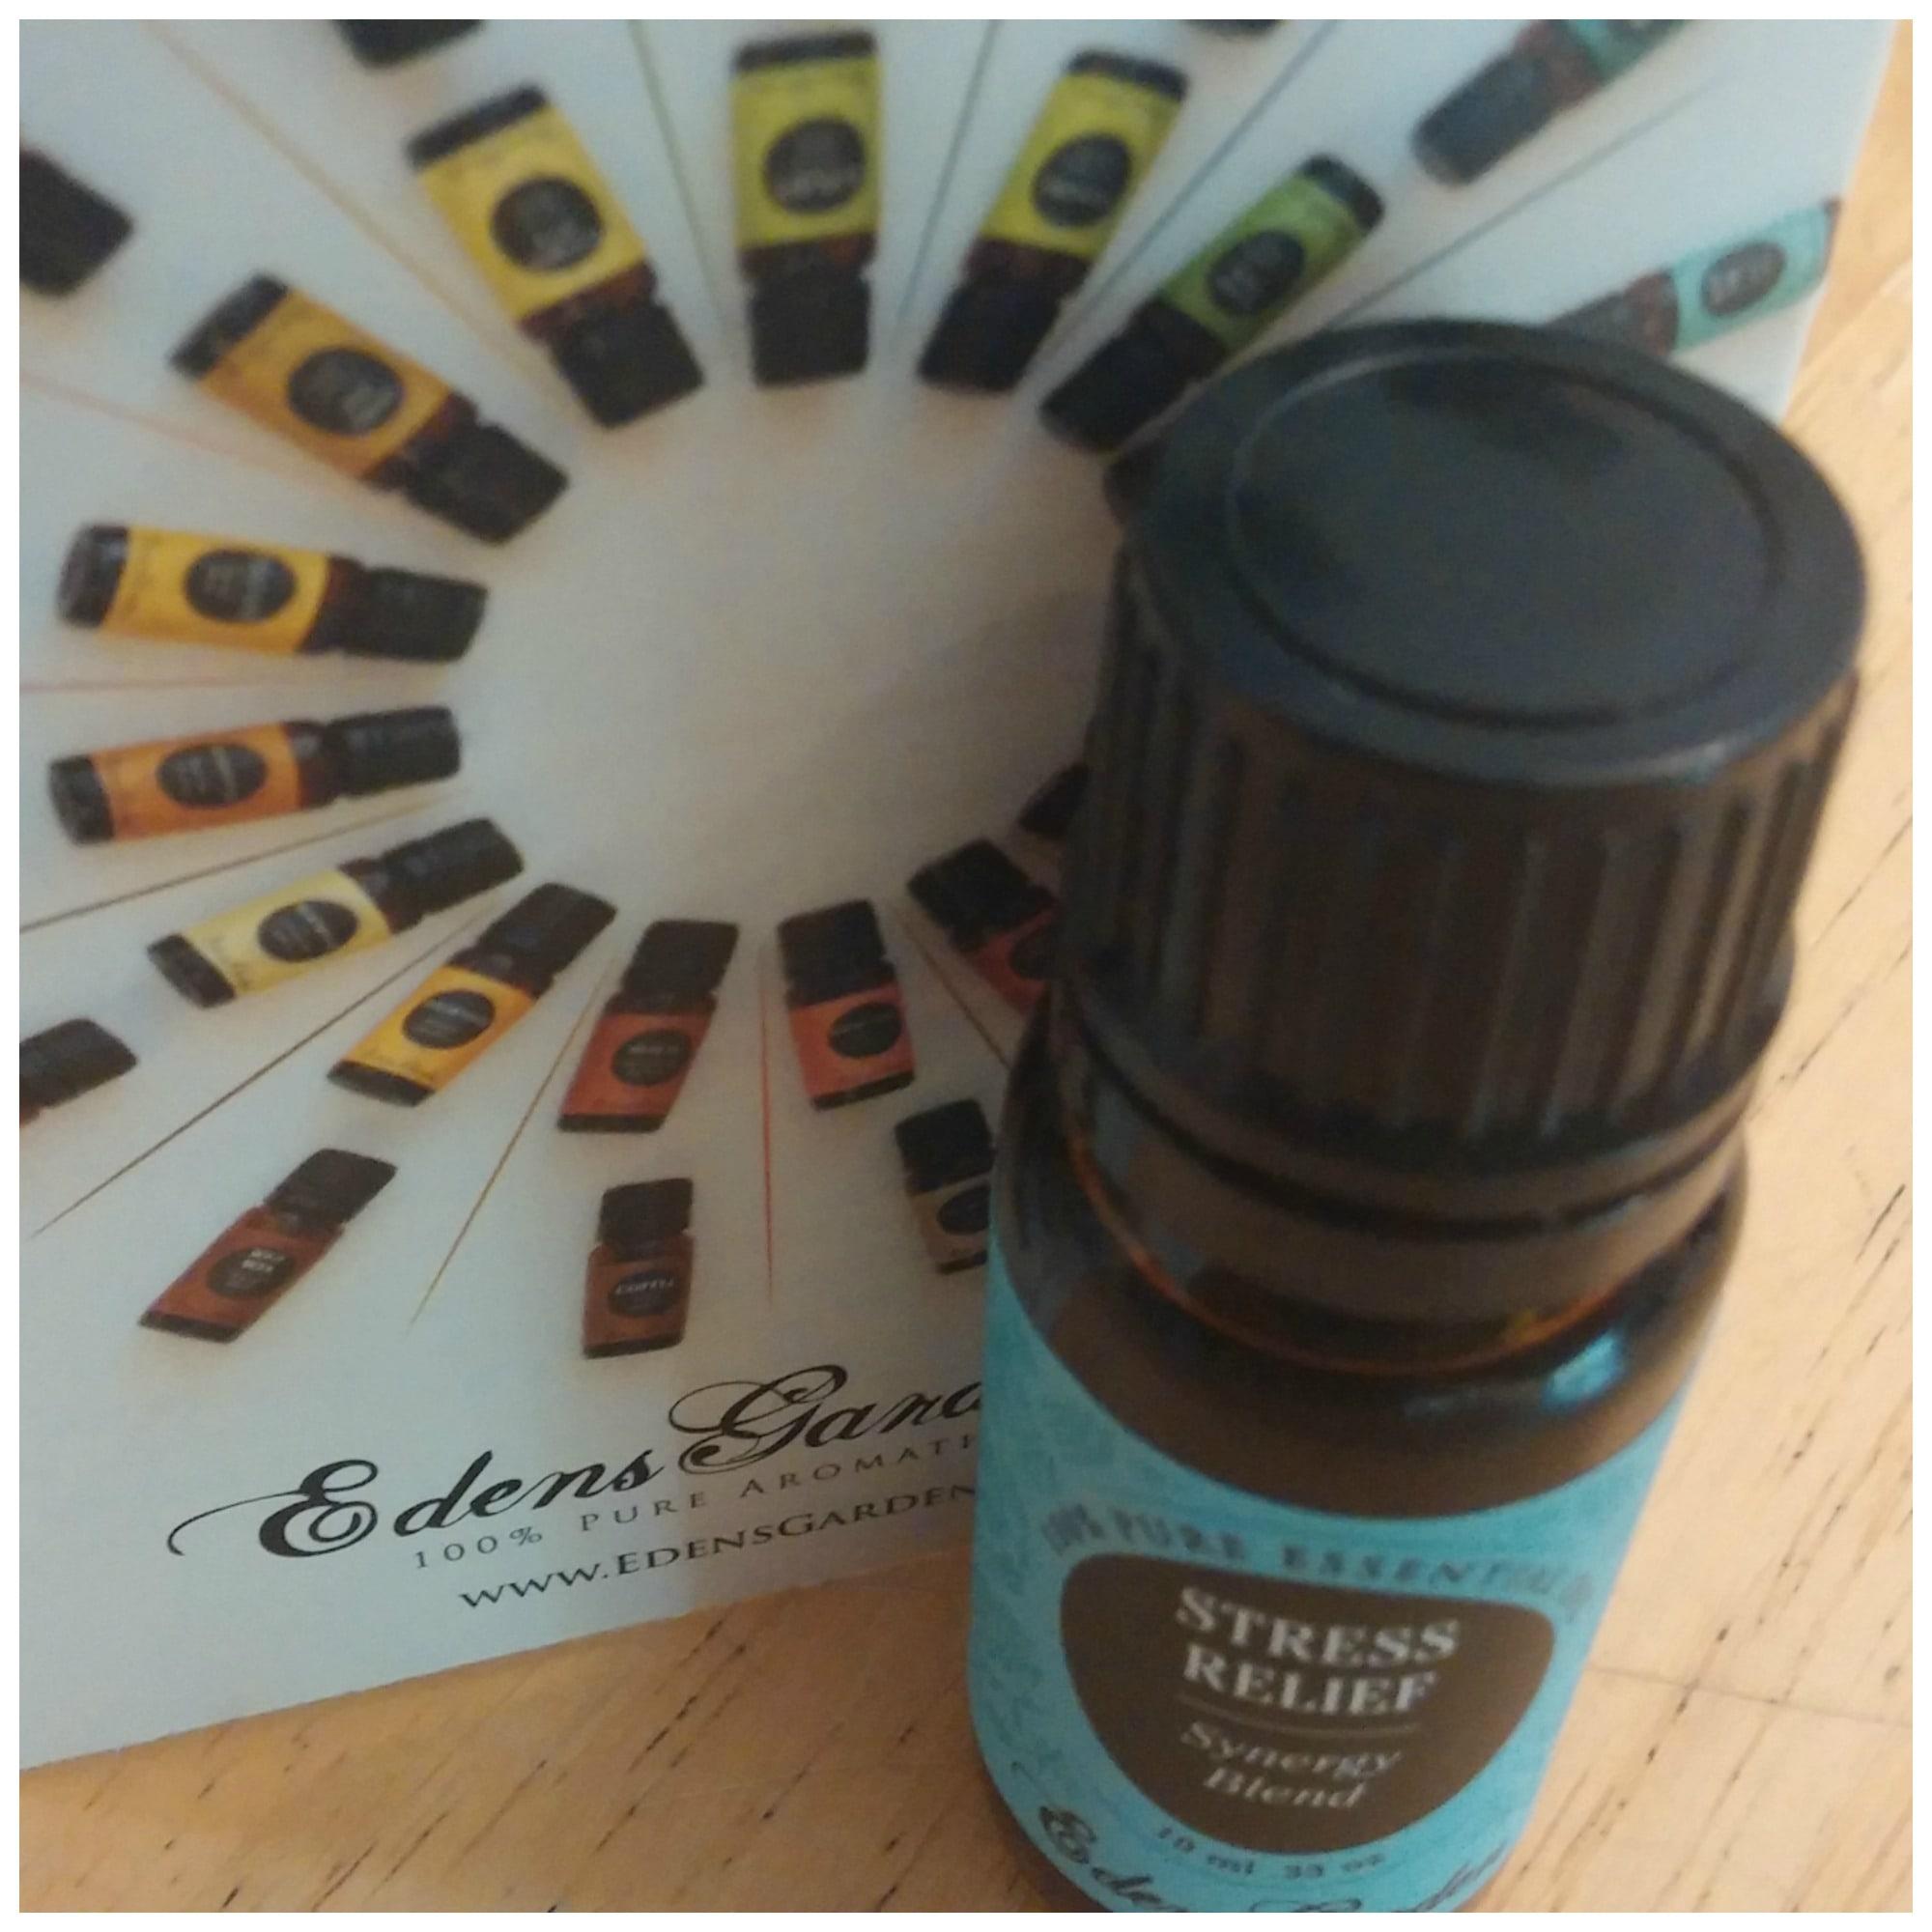 Edens garden essential oils reviews organic palace queen - Edens garden essential oils reviews ...